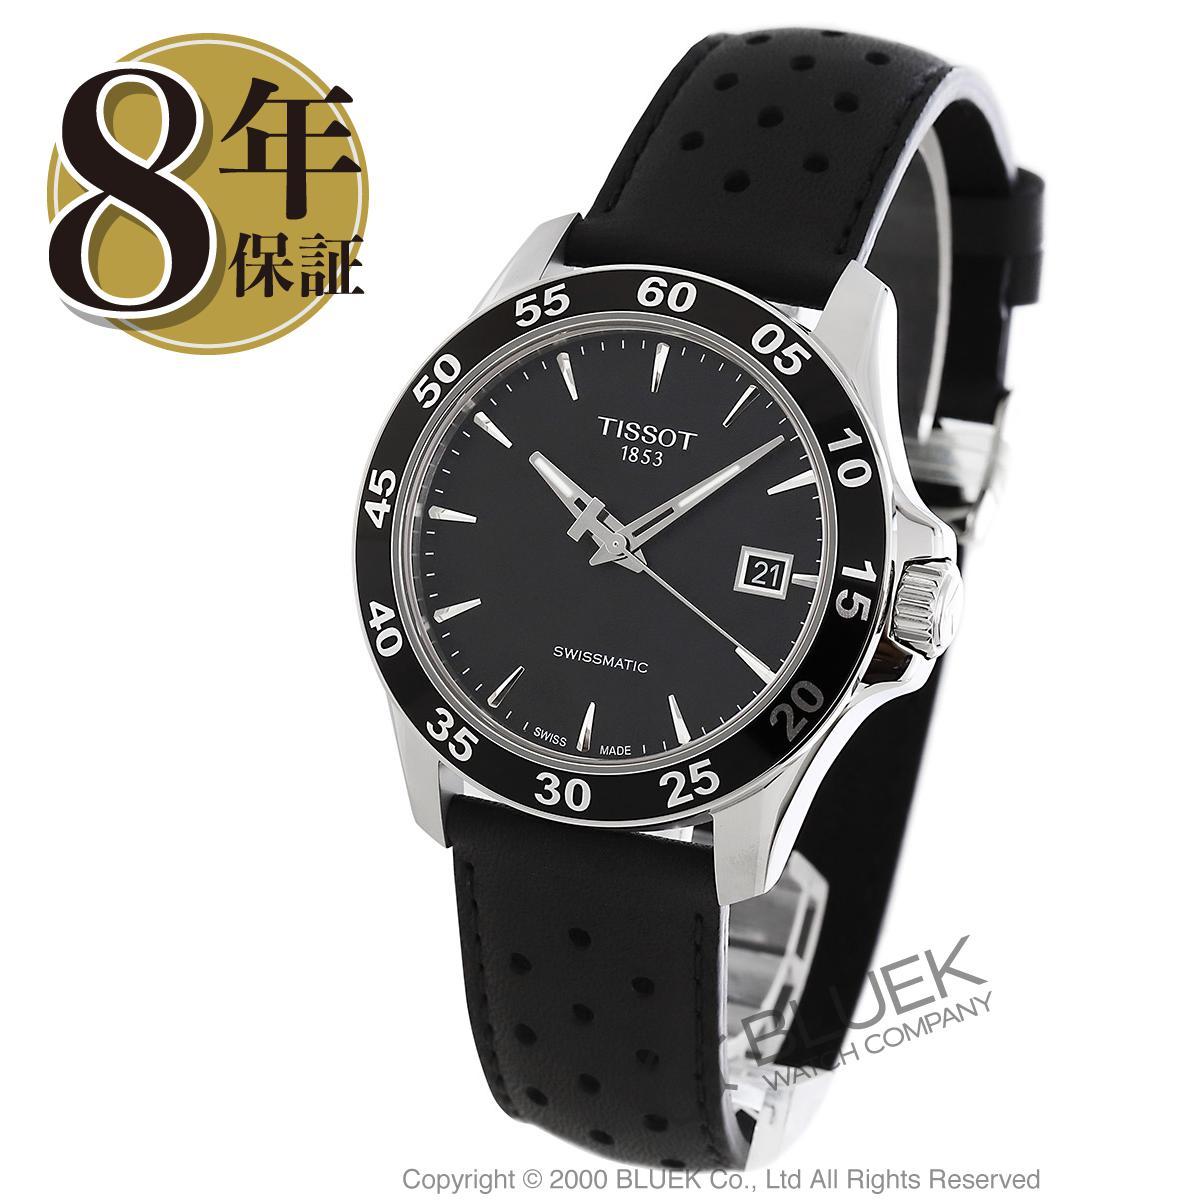 ティソ T-スポーツ V8 腕時計 メンズ TISSOT T106.407.16.051.00_8